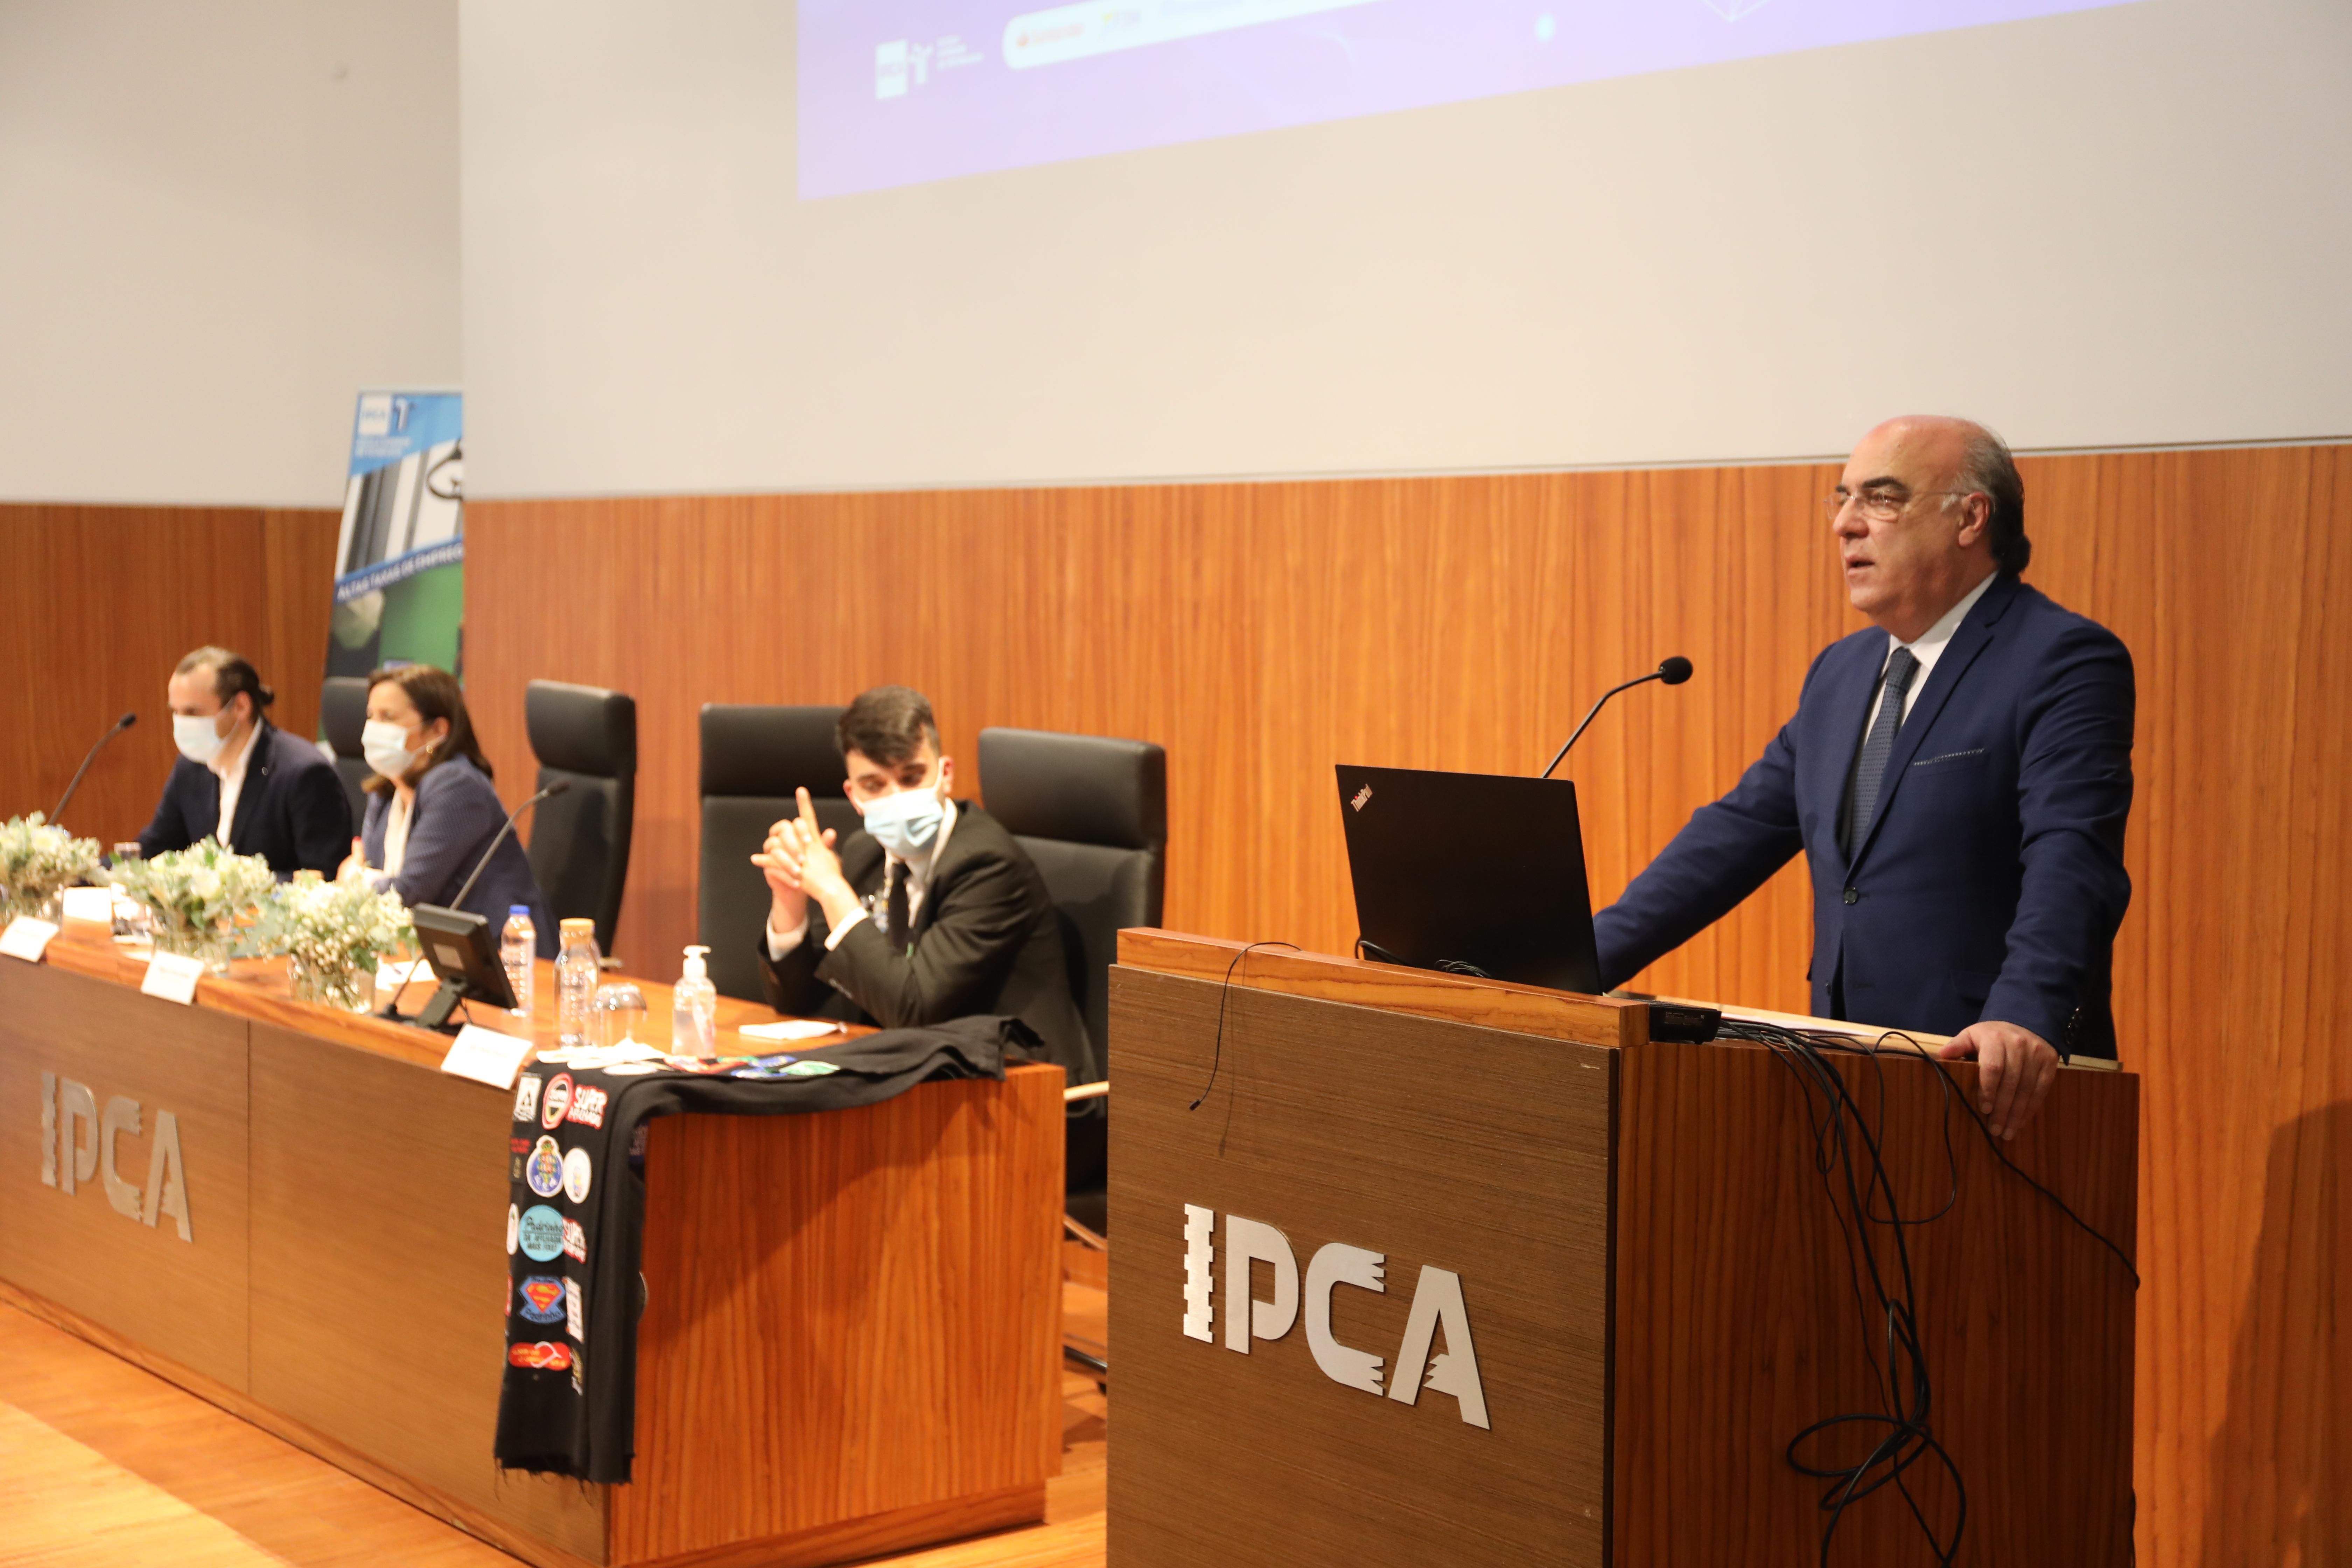 Presidente da Câmara participou nas comemorações dos 17 anos da Escola Superior de Tecnologia do IPCA